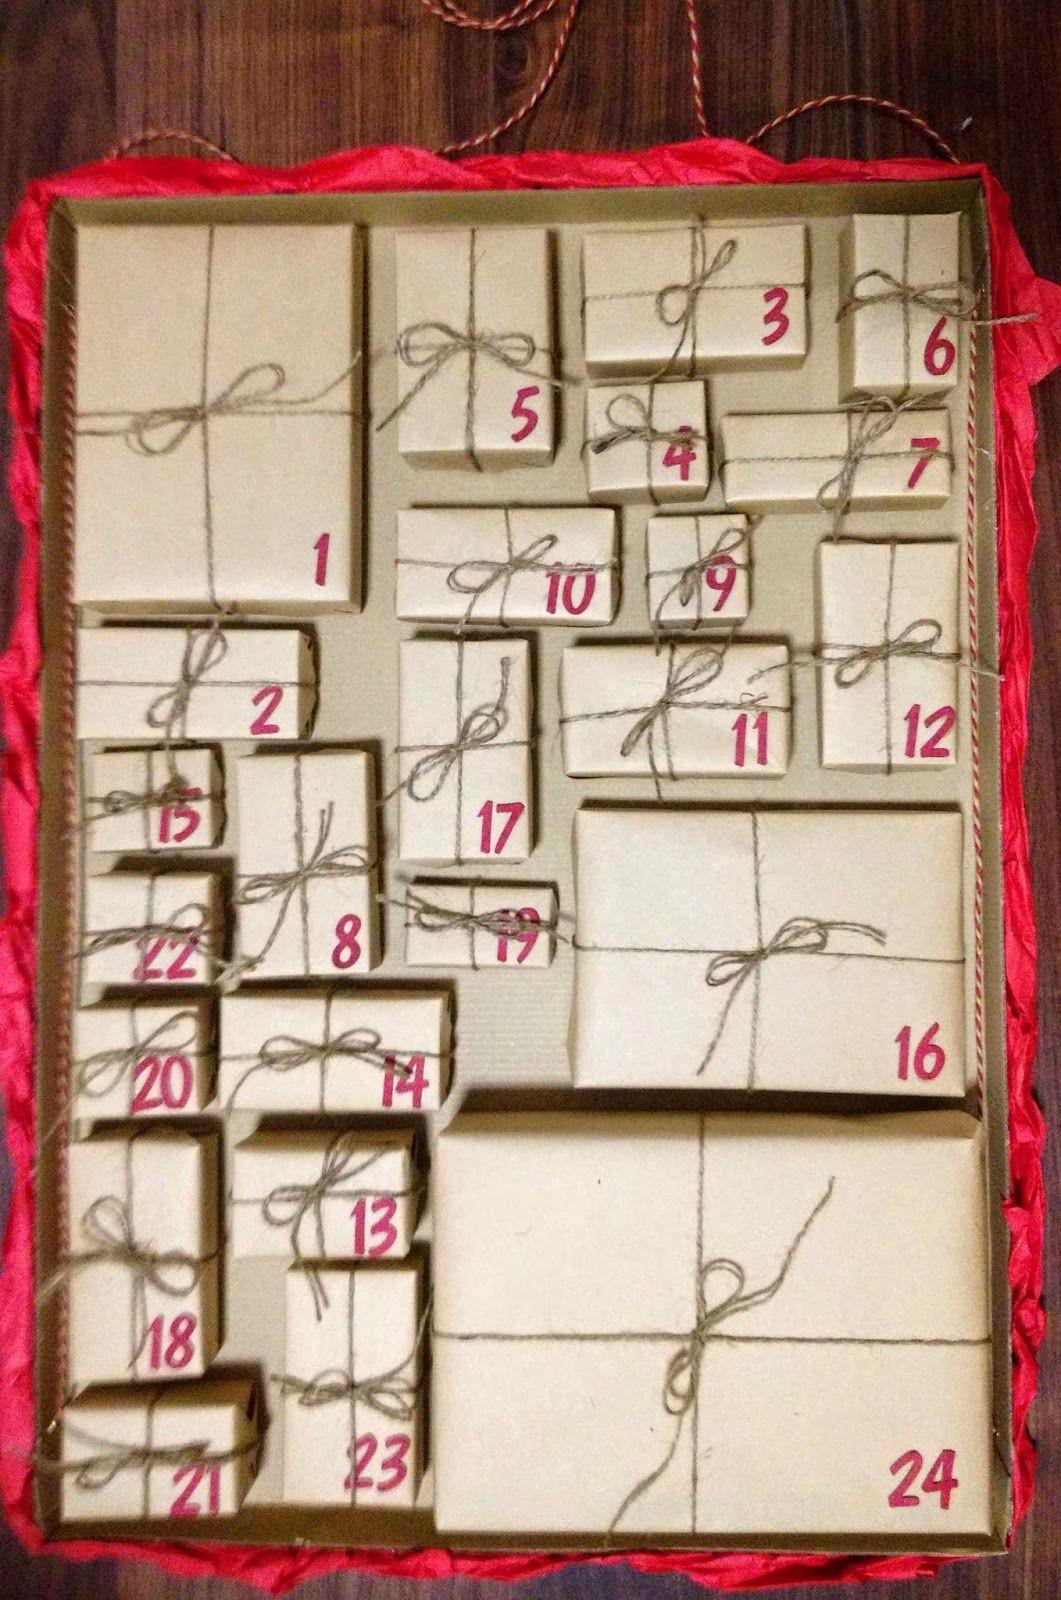 adventni kalendar 2013 KETA: Adventní kalendář 2013 druhý | Vánoce, vánoce přicházejí  adventni kalendar 2013